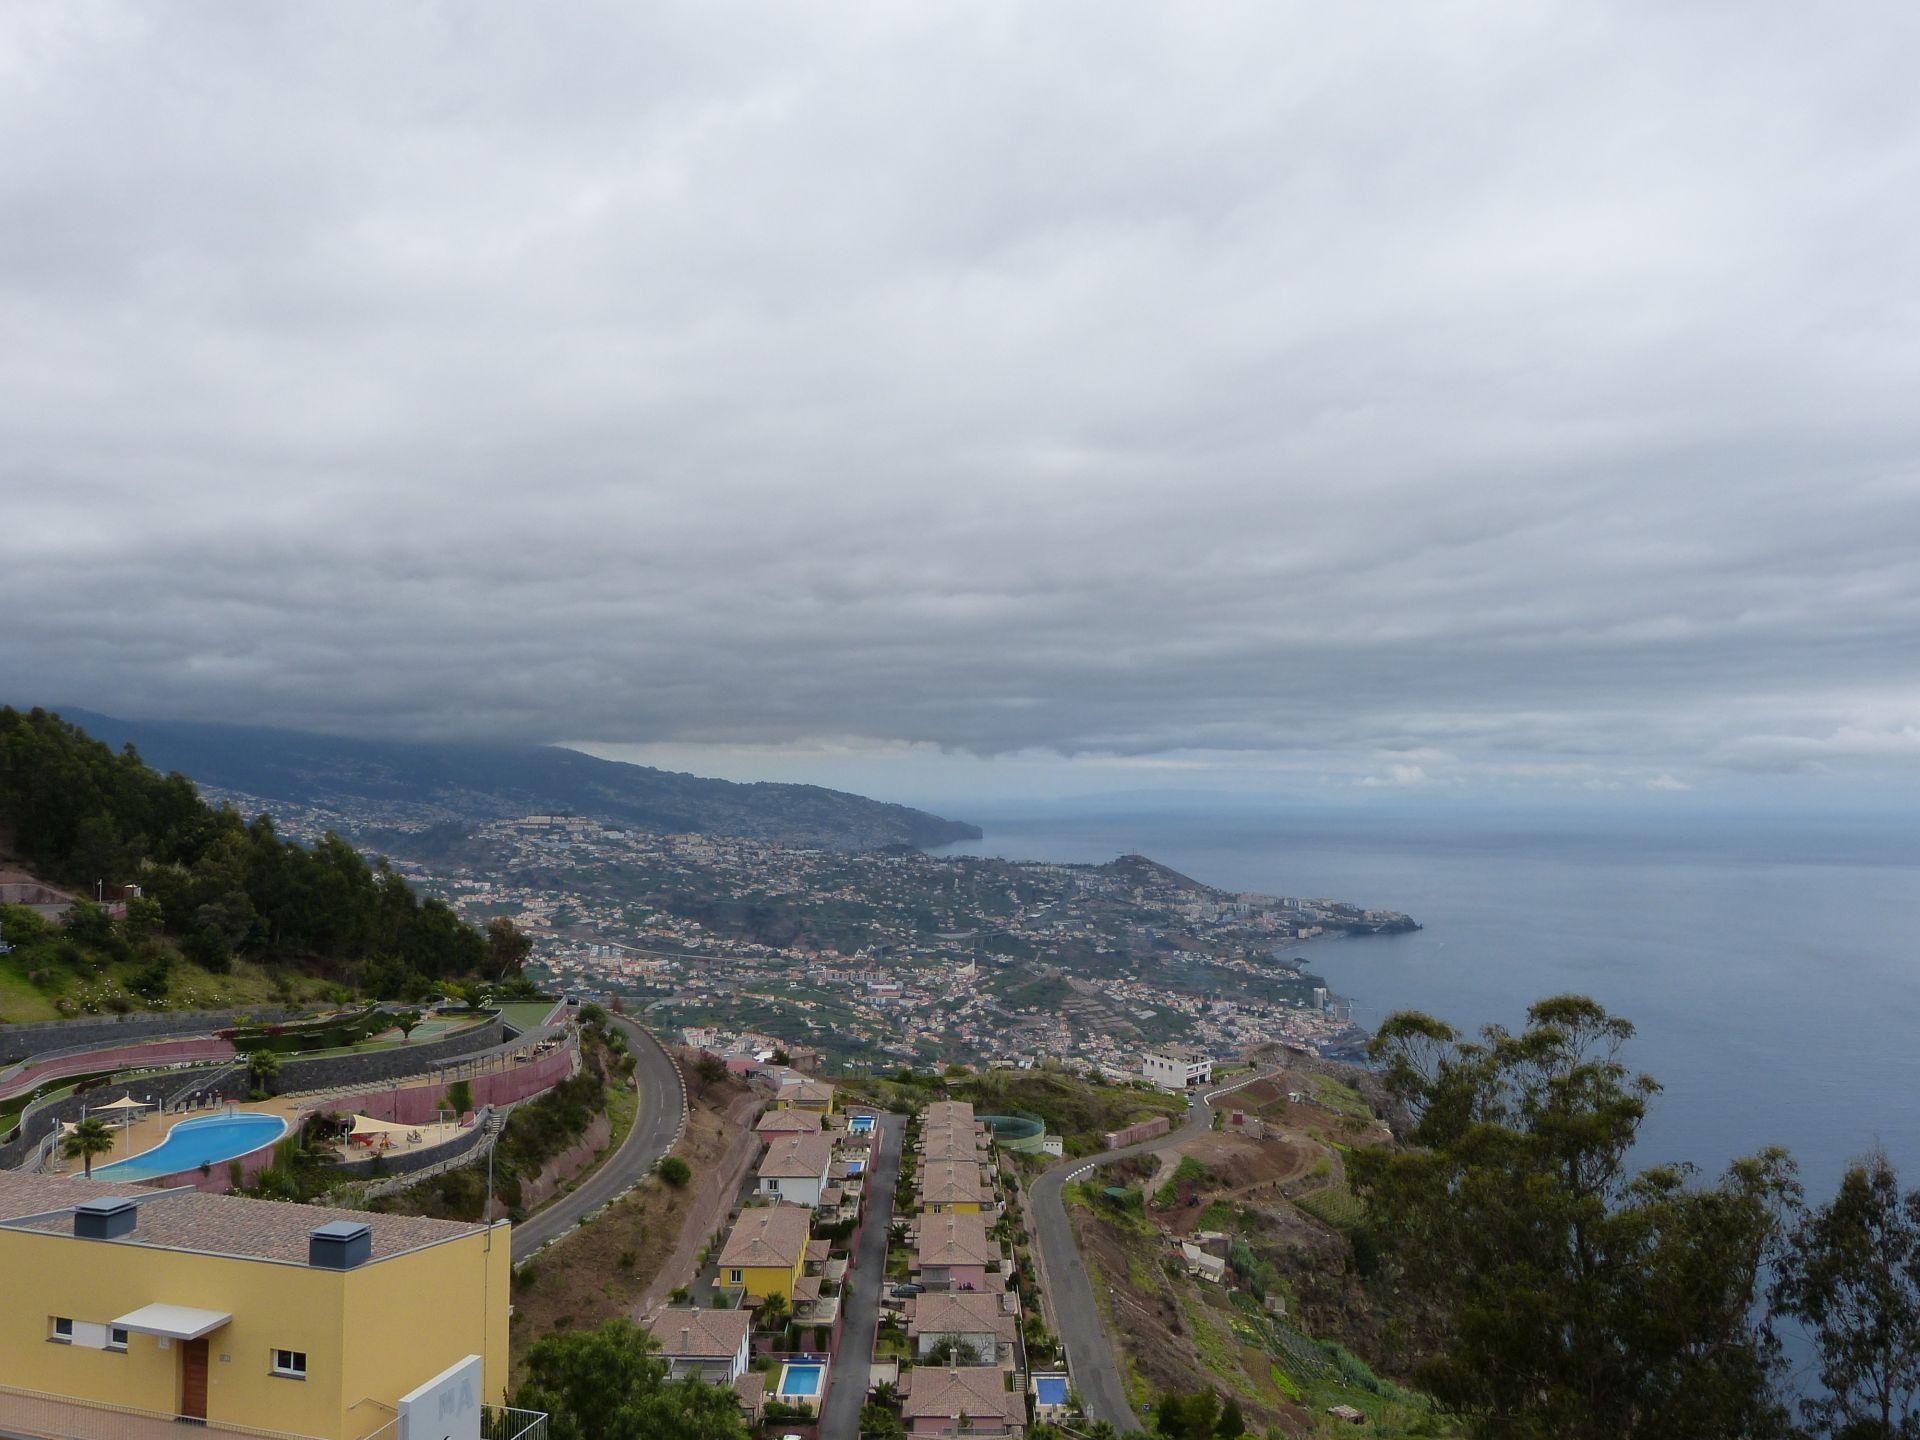 Blick auf die Küste beim Cabo Girão